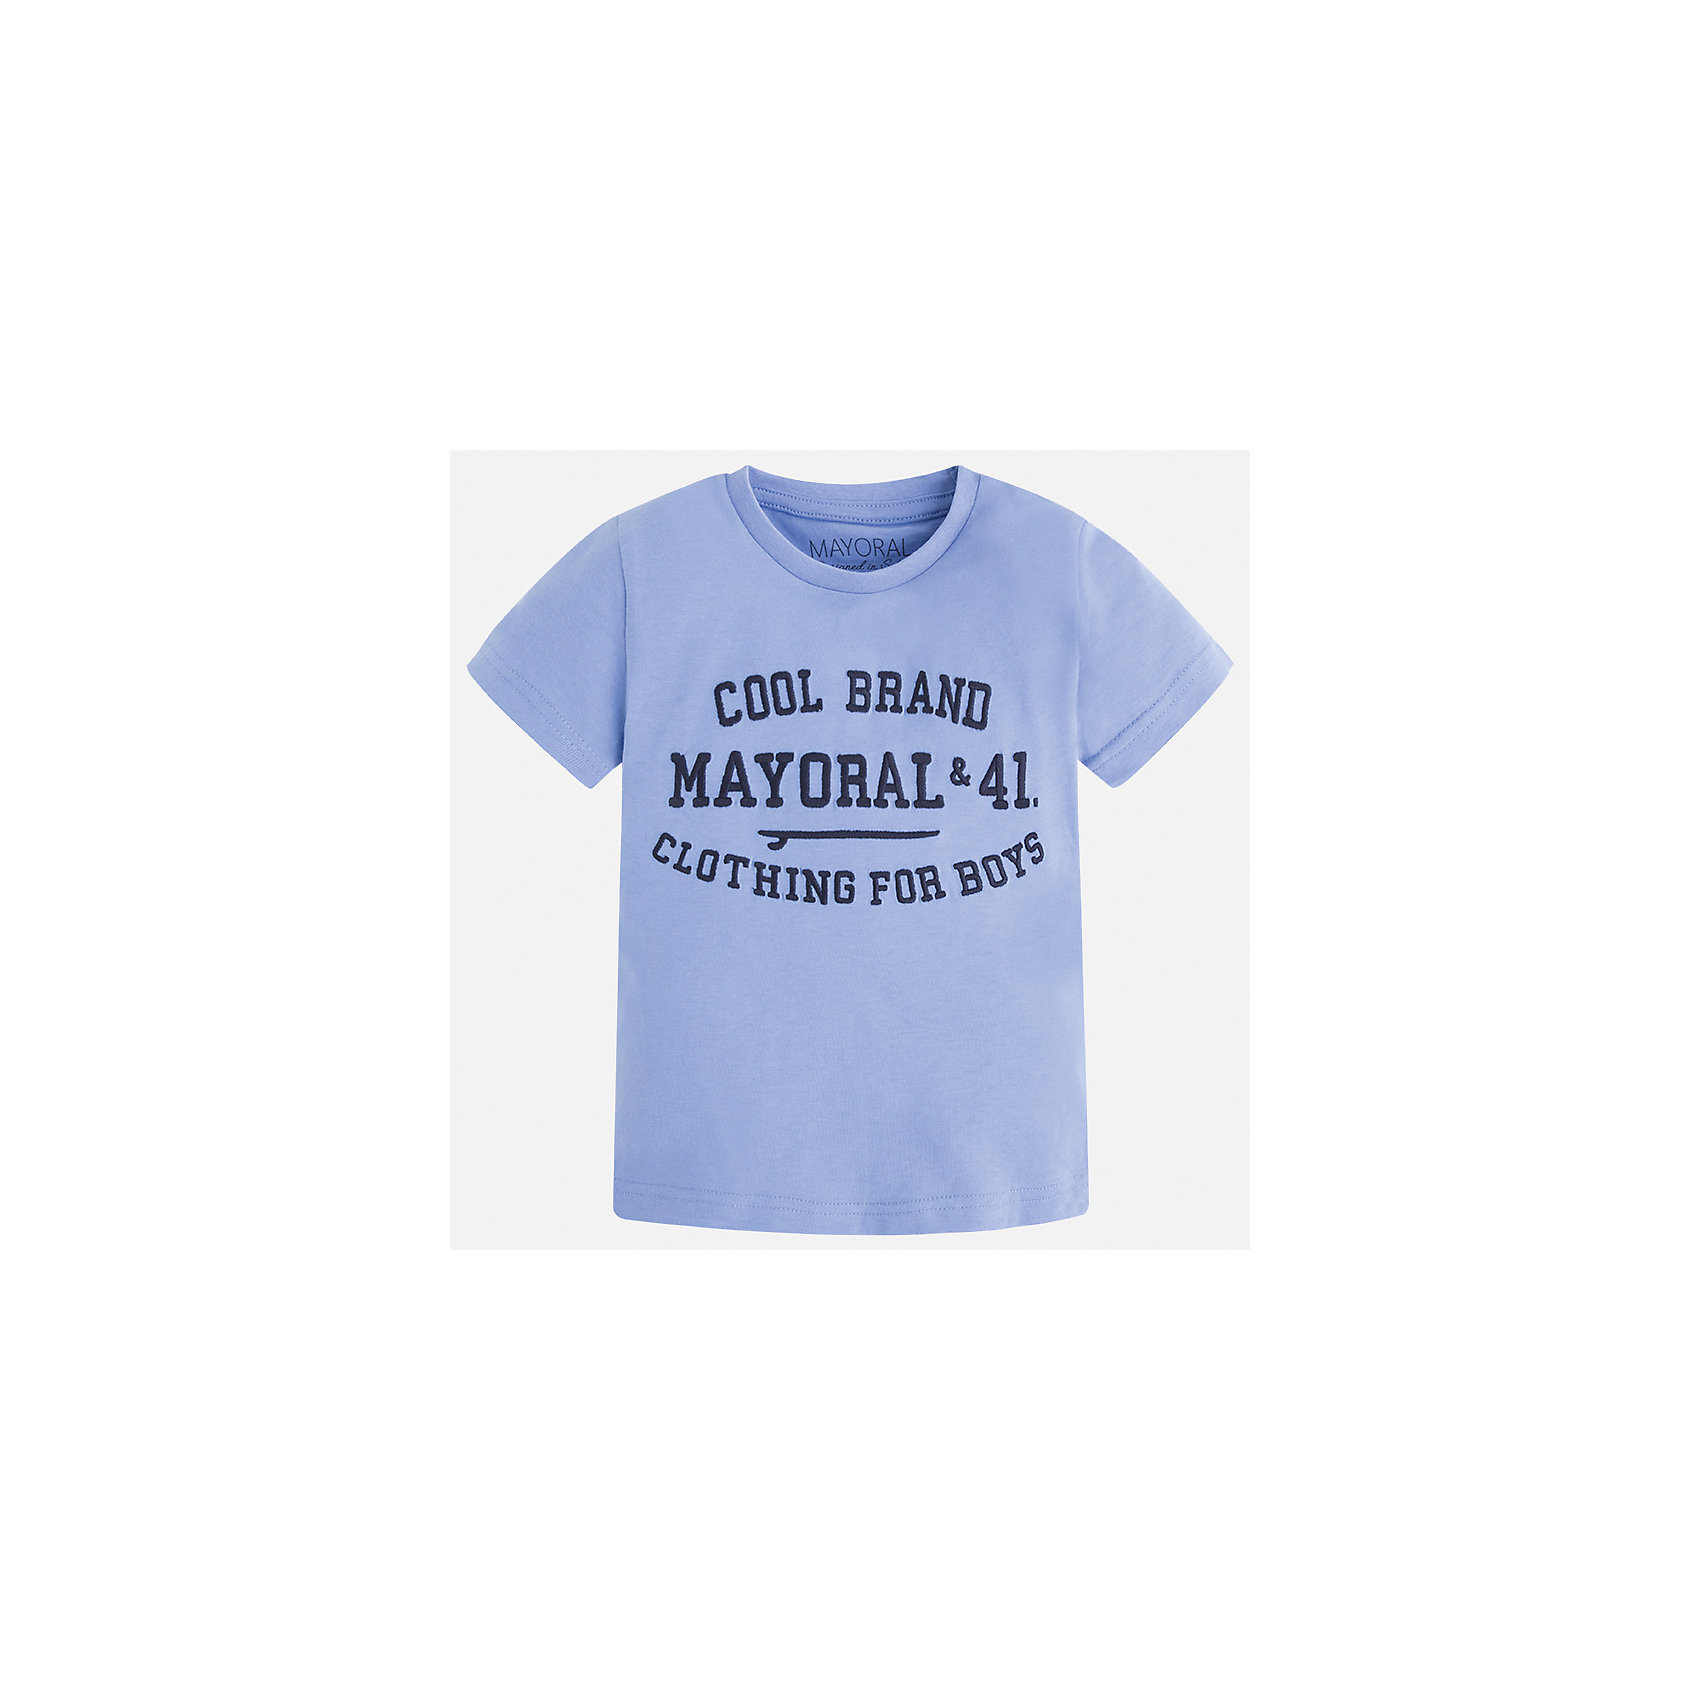 Футболка для мальчика MayoralФутболки, поло и топы<br>Характеристики товара:<br><br>• цвет: голубой<br>• состав: 100% хлопок<br>• мягкая отделка ворота<br>• короткие рукава<br>• округлая горловина<br>• декорирована принтом<br>• страна бренда: Испания<br><br>Стильная удобная футболка для мальчика может стать базовой вещью в гардеробе ребенка. Она отлично сочетается с брюками, шортами, джинсами. Универсальный крой и цвет позволяет подобрать к вещи низ разных расцветок. Практичное и стильное изделие! В составе материала - только натуральный хлопок, гипоаллергенный, приятный на ощупь, дышащий.<br><br>Одежда, обувь и аксессуары от испанского бренда Mayoral полюбились детям и взрослым по всему миру. Модели этой марки - стильные и удобные. Для их производства используются только безопасные, качественные материалы и фурнитура. Порадуйте ребенка модными и красивыми вещами от Mayoral! <br><br>Футболку для мальчика от испанского бренда Mayoral (Майорал) можно купить в нашем интернет-магазине.<br><br>Ширина мм: 199<br>Глубина мм: 10<br>Высота мм: 161<br>Вес г: 151<br>Цвет: голубой<br>Возраст от месяцев: 36<br>Возраст до месяцев: 48<br>Пол: Мужской<br>Возраст: Детский<br>Размер: 104,134,128,122,116,110,98,92<br>SKU: 5277830